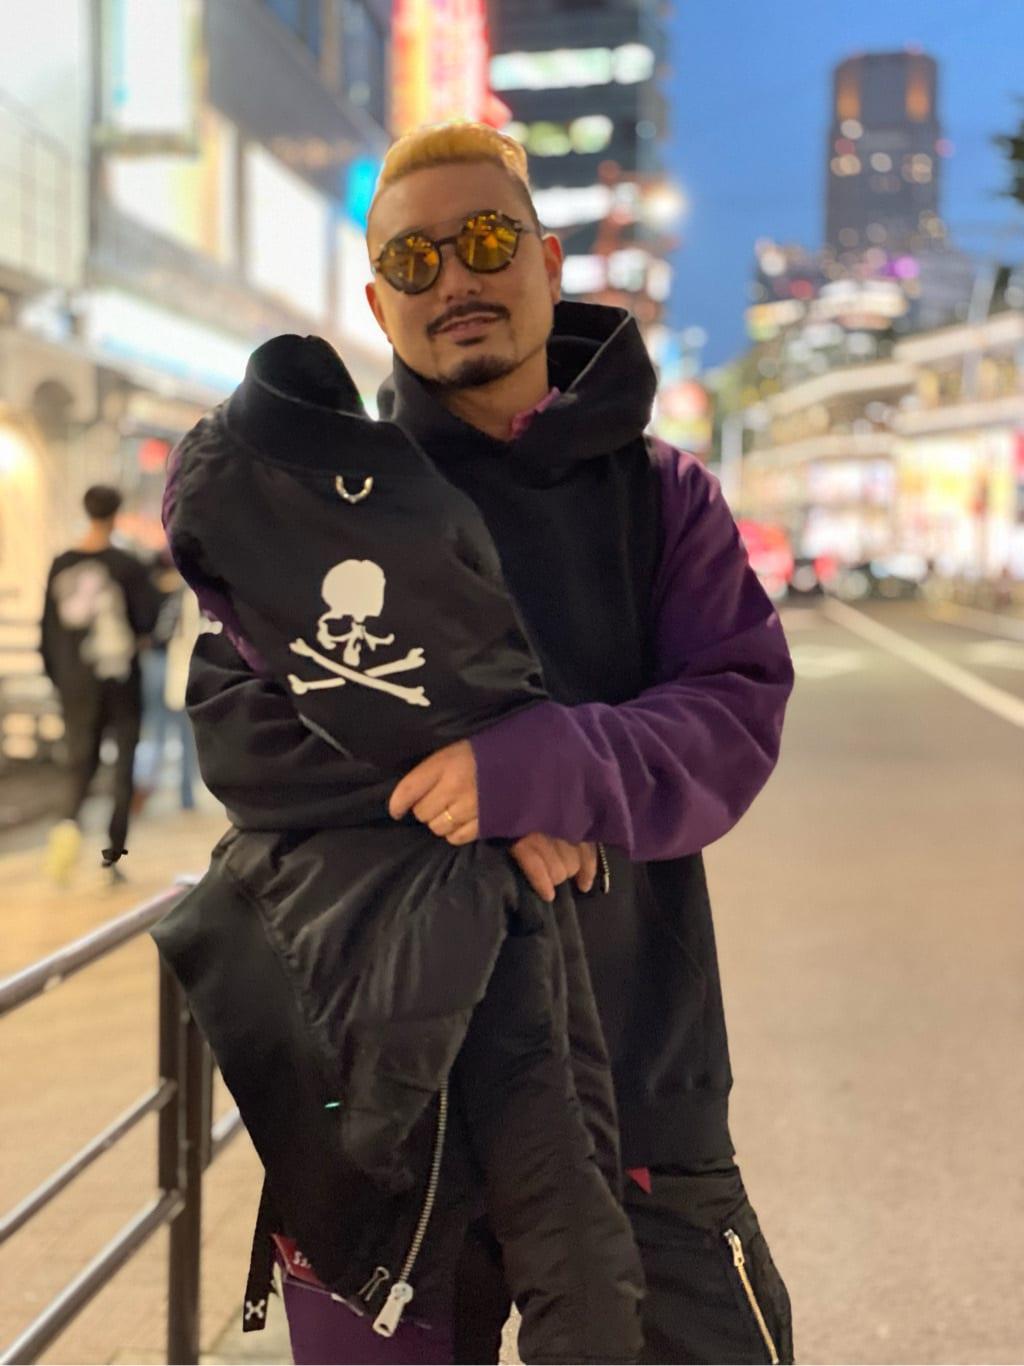 ALPHA SHOP渋谷店のKataoka.RさんのALPHAの【C2H4 × MASTERMIND × ALPHA】MA-1 Bomber Jacketを使ったコーディネート